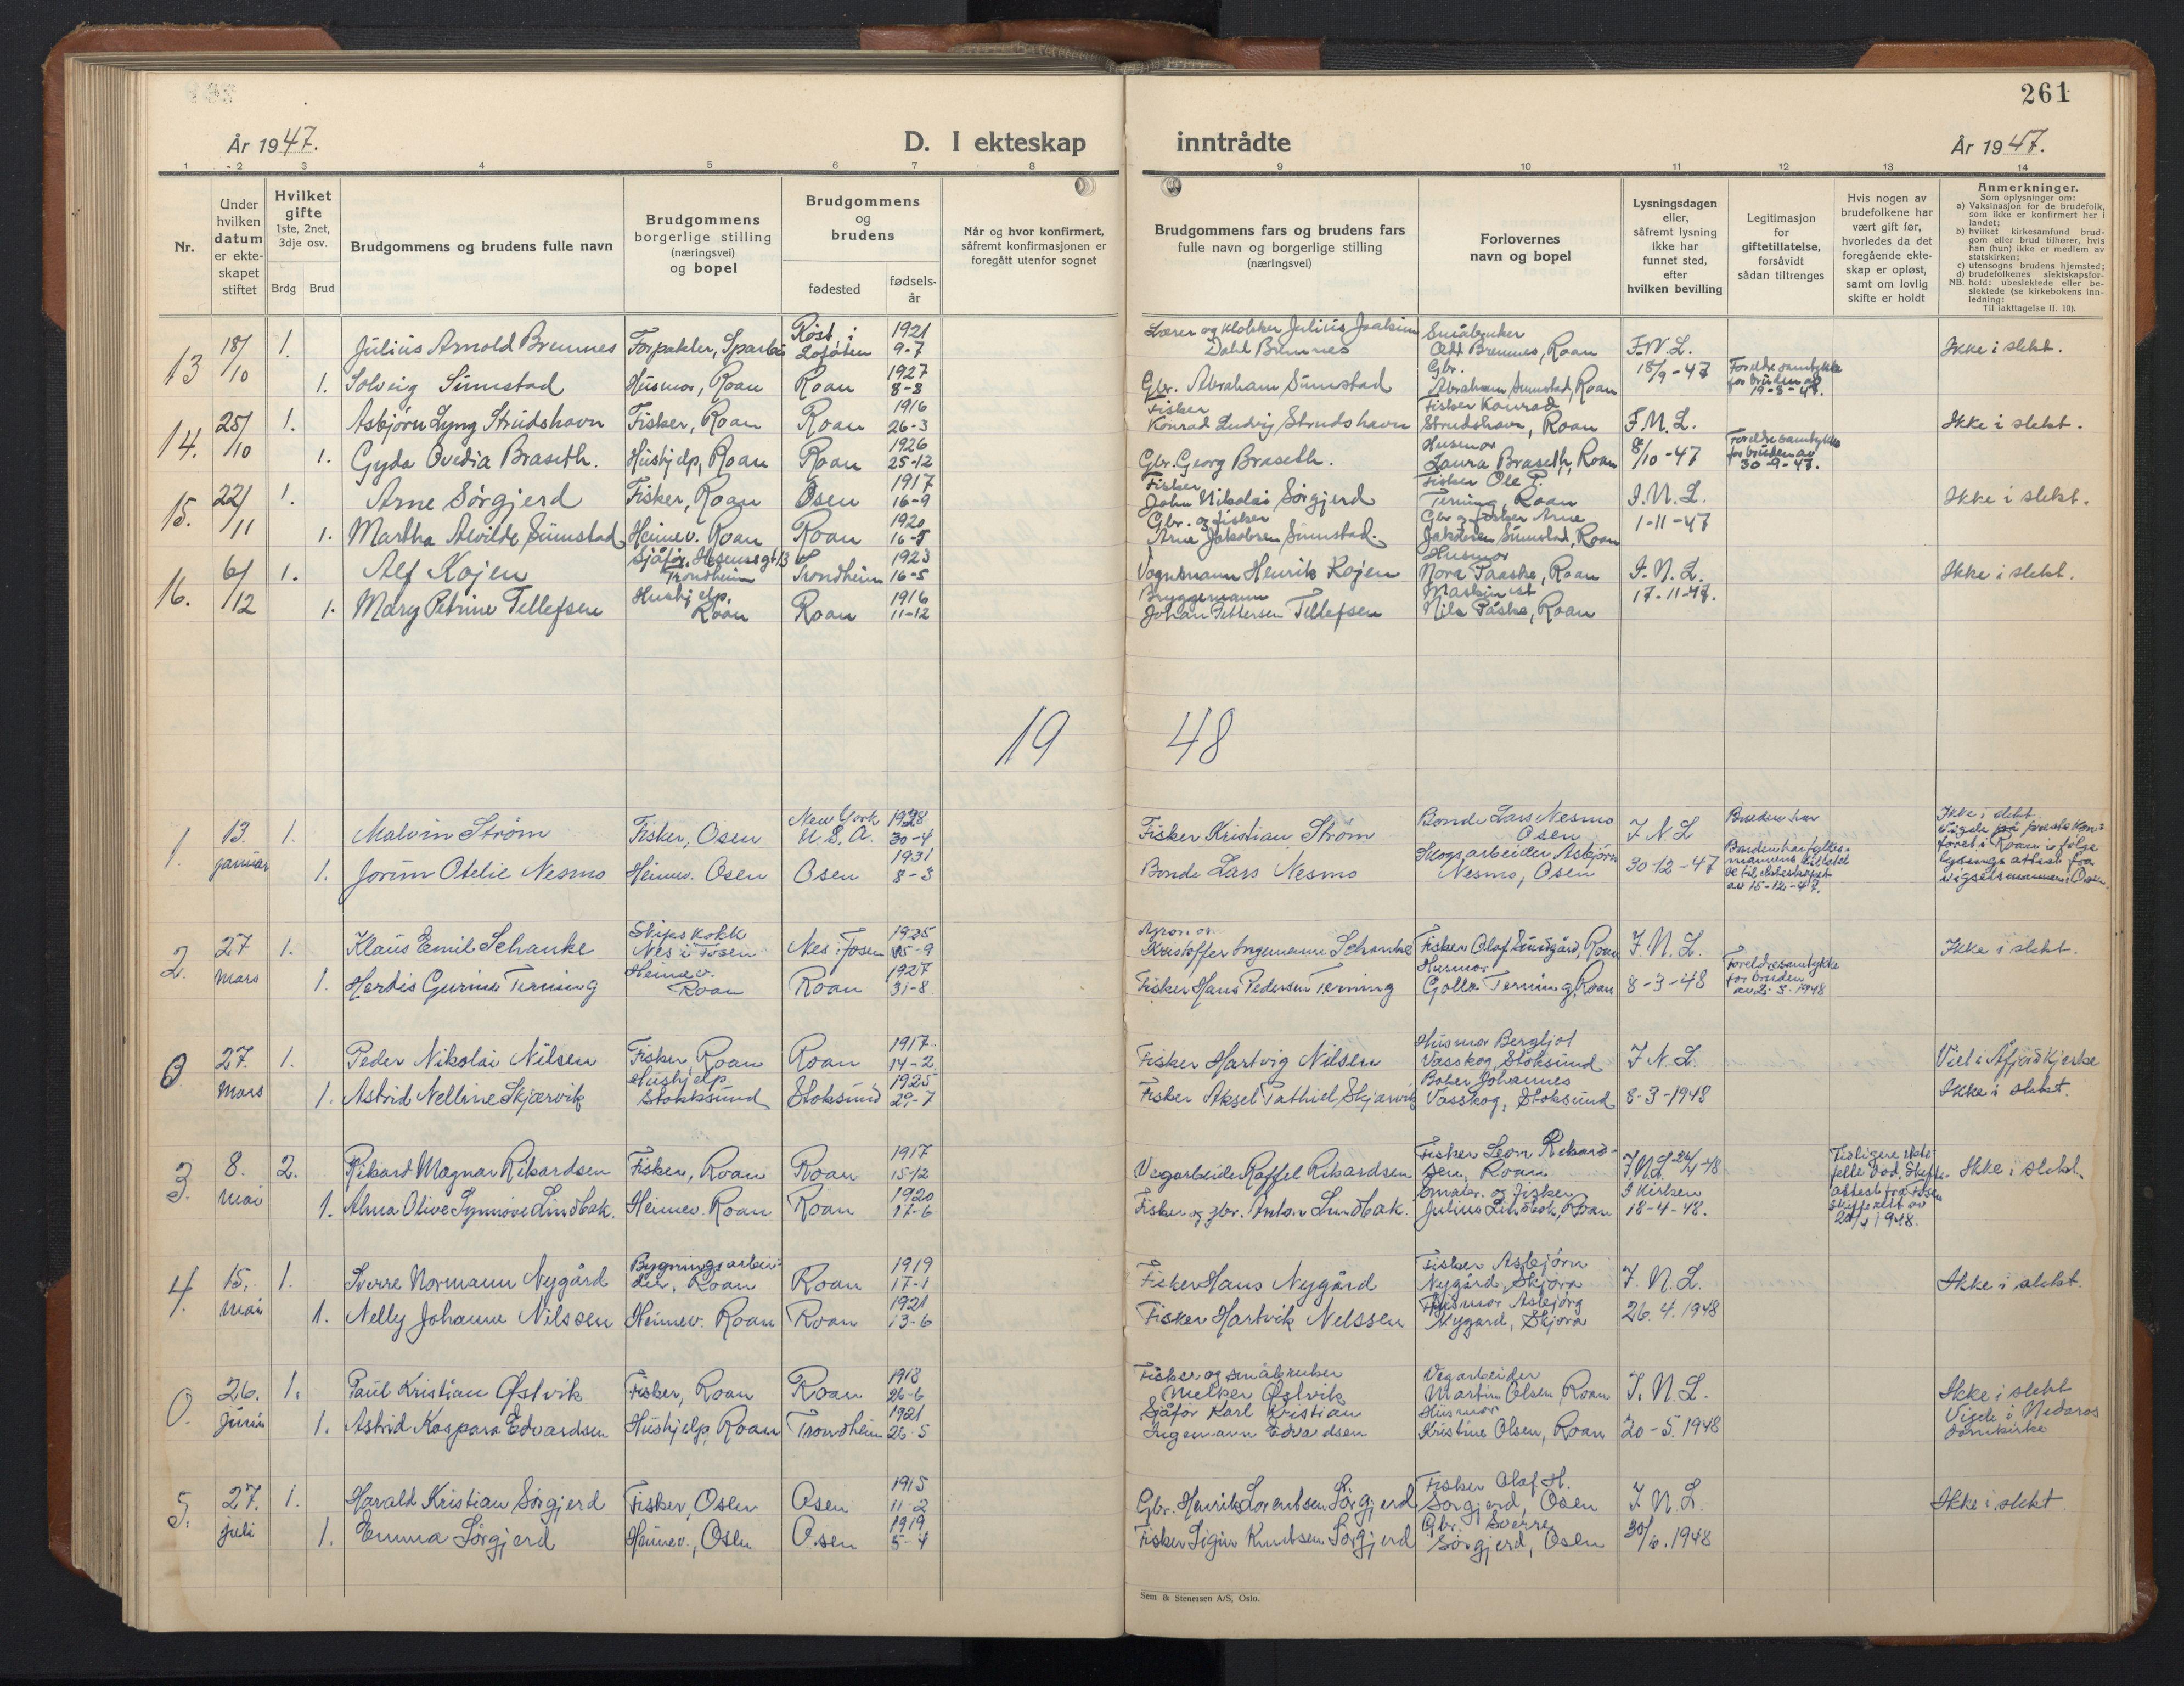 SAT, Ministerialprotokoller, klokkerbøker og fødselsregistre - Sør-Trøndelag, 657/L0718: Klokkerbok nr. 657C05, 1923-1948, s. 261